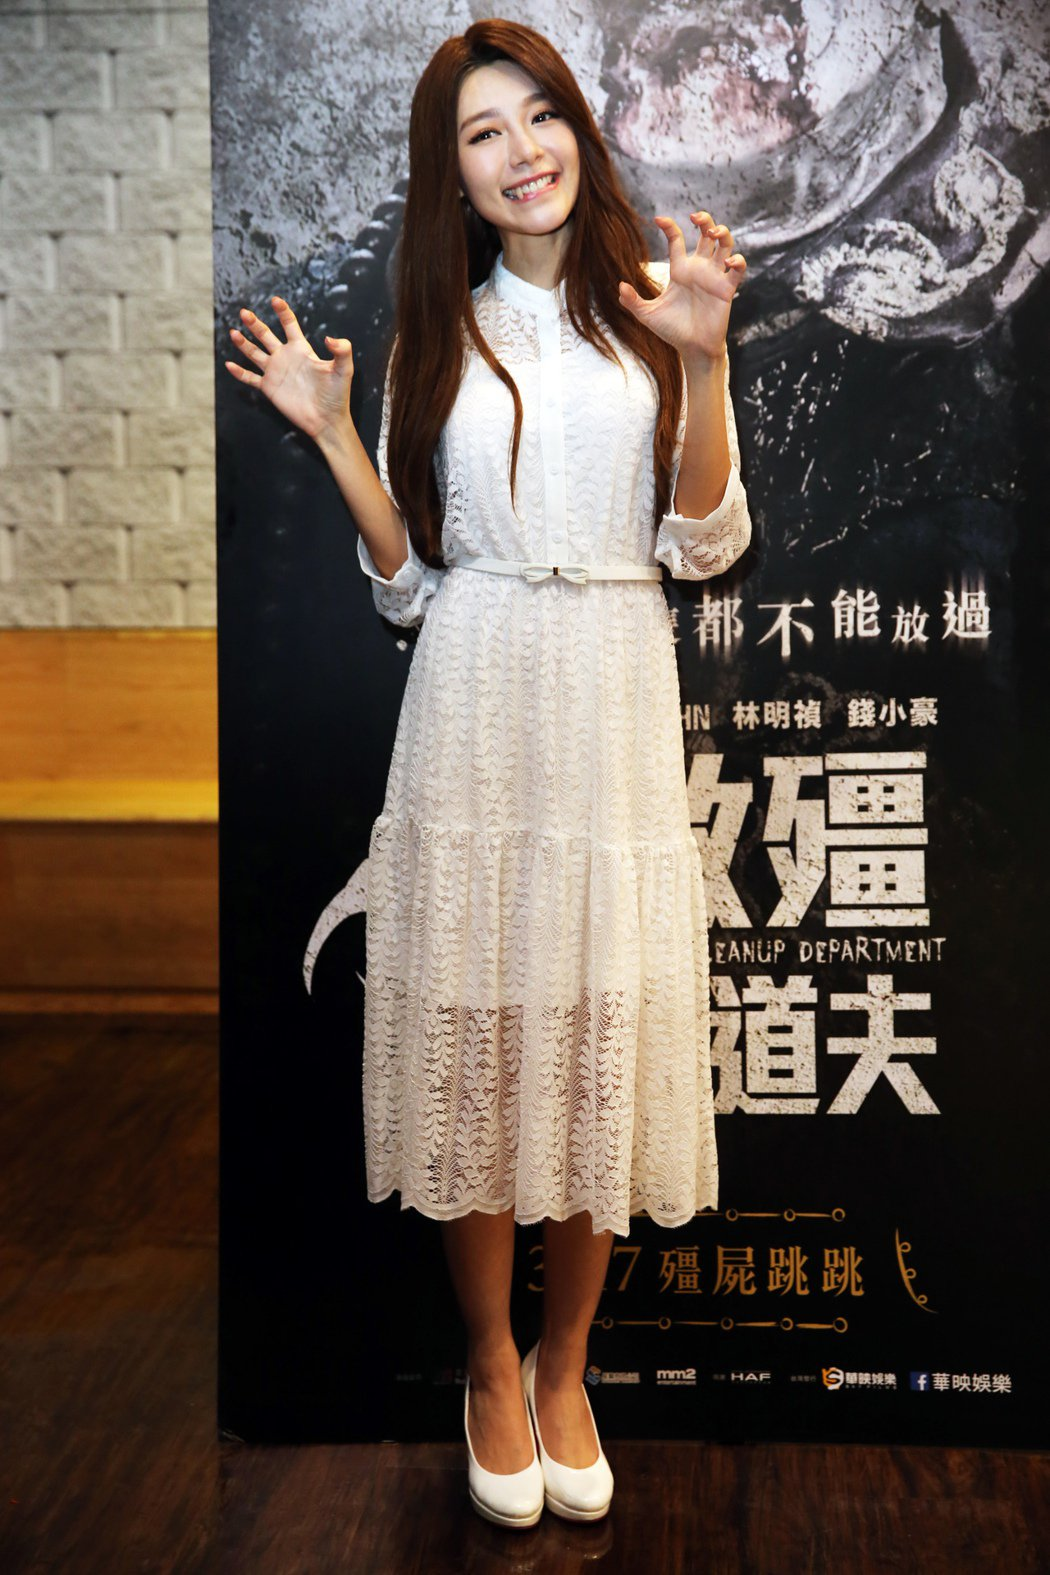 香港恐怖喜劇「救殭清道夫」女主角林明禎穿著飄逸的白色長裙,戴上與戲中殭屍小虎牙與...